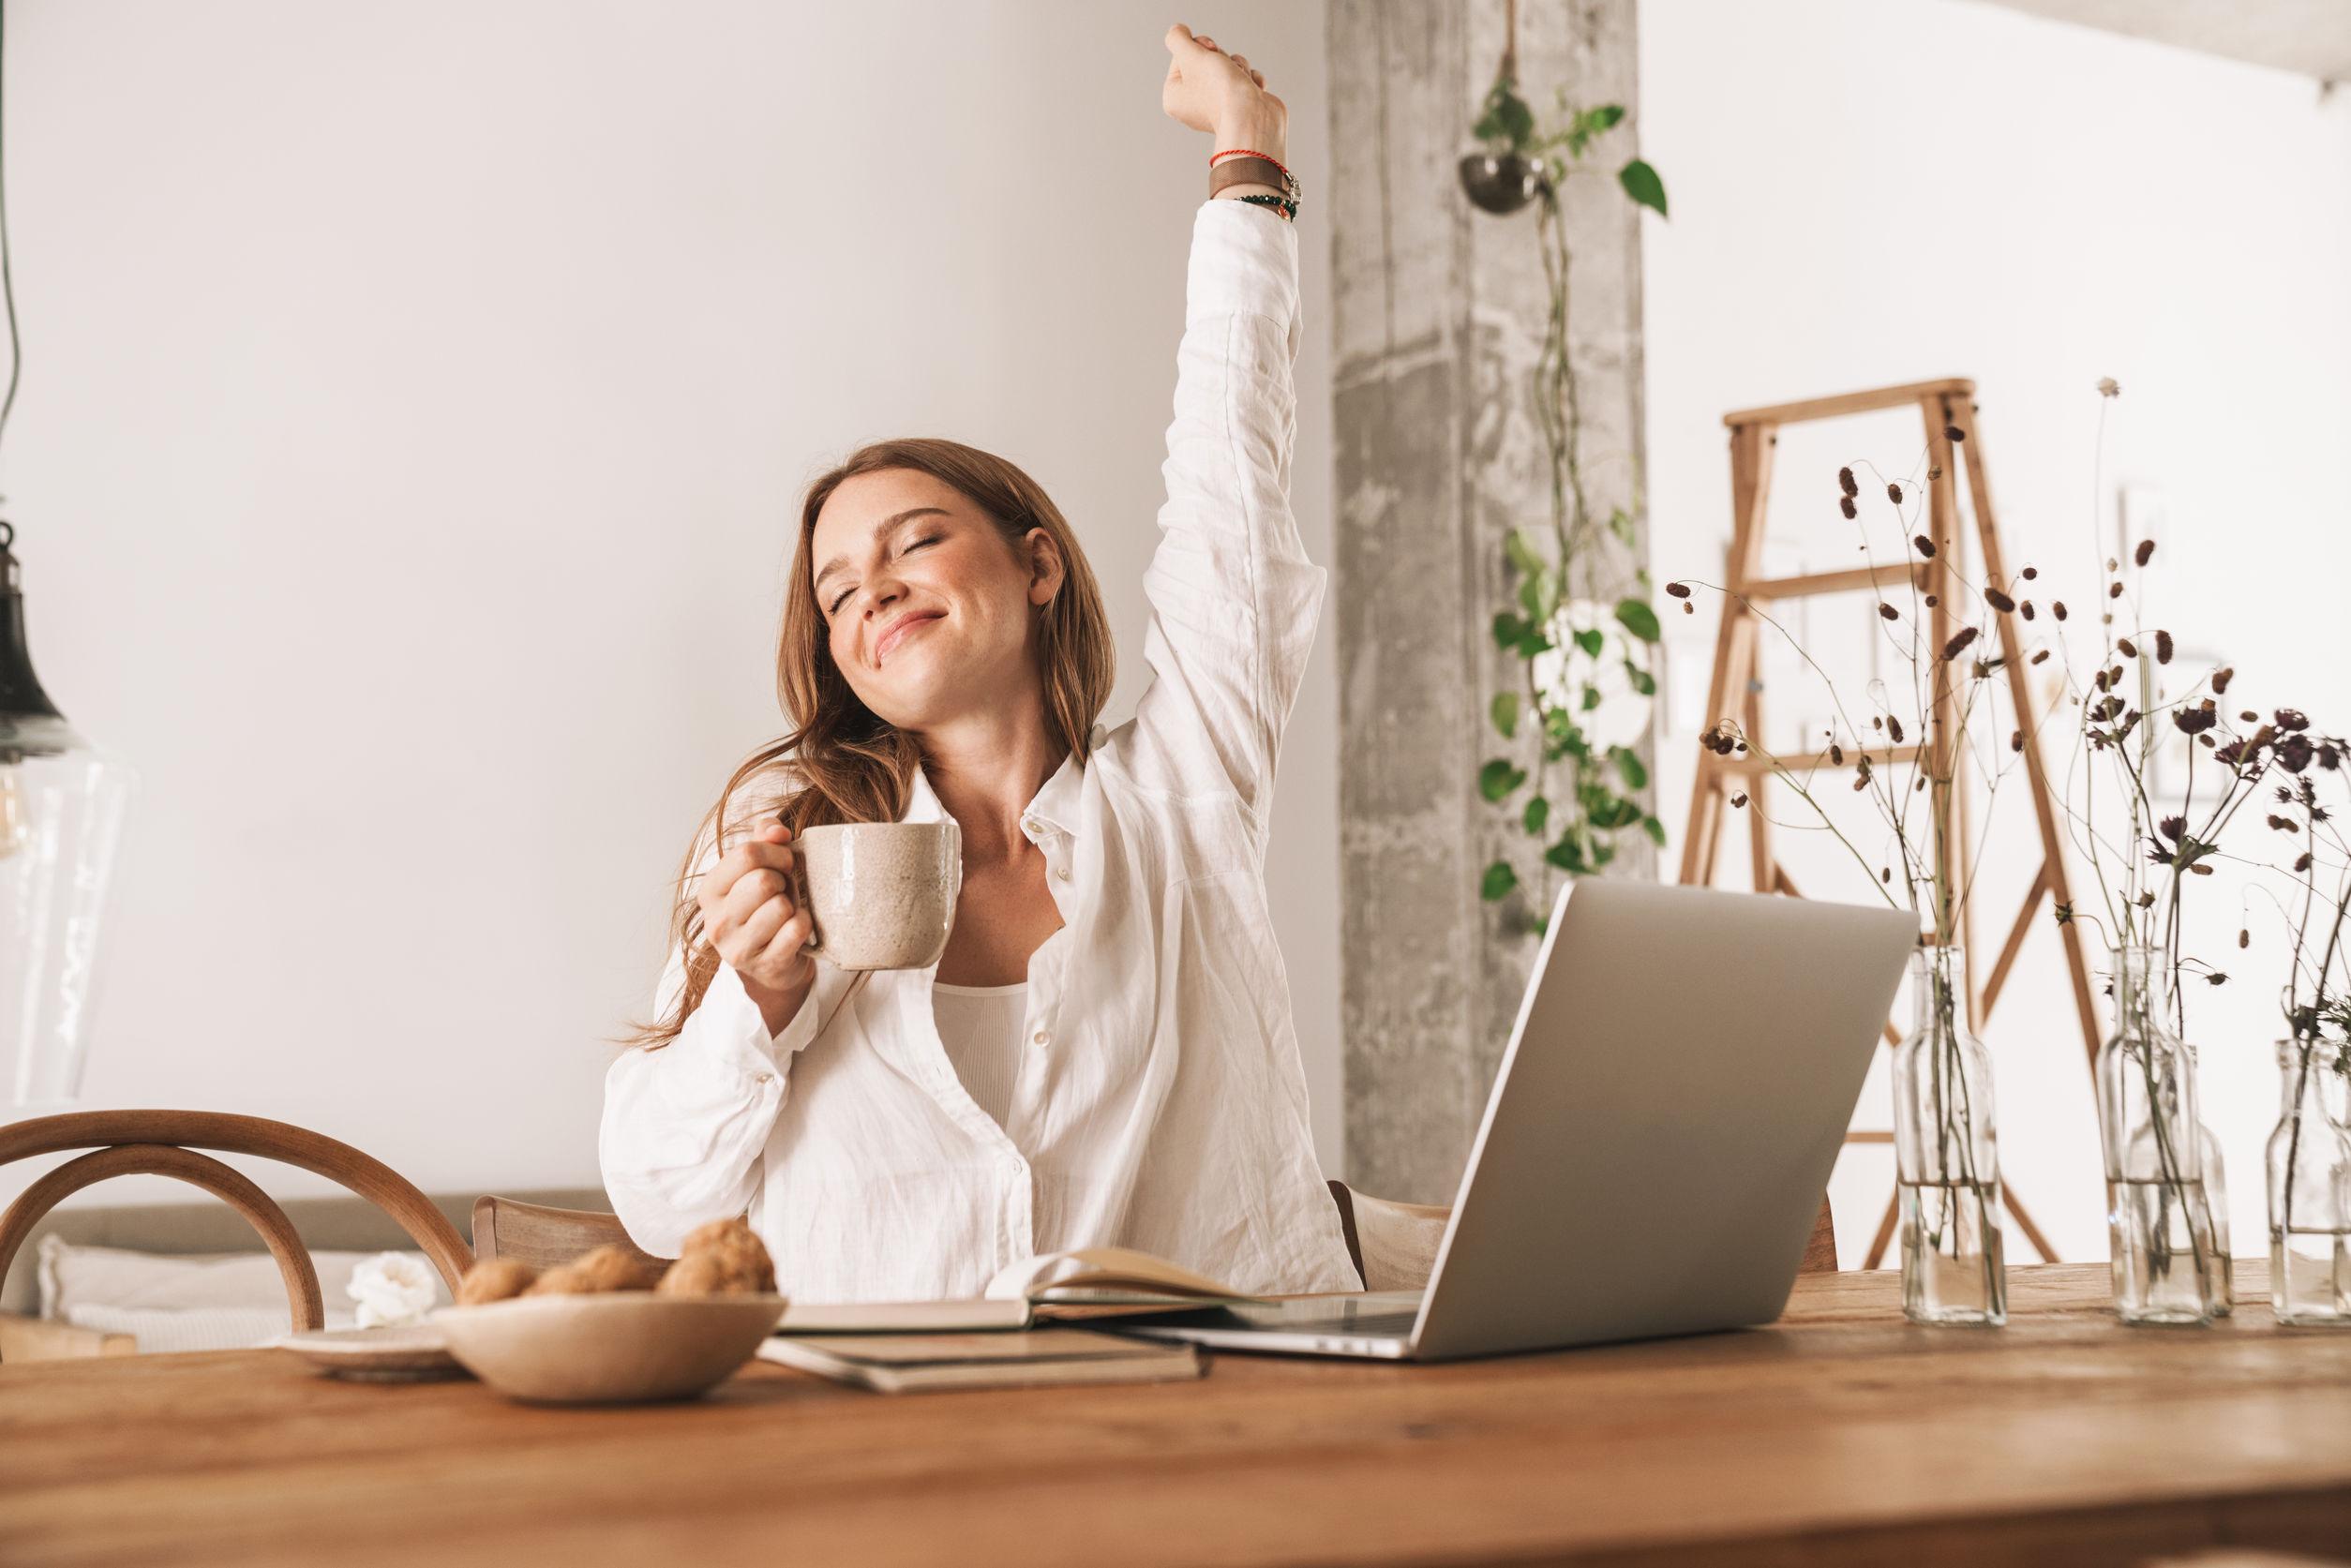 Oficina en casa: Claves para que tu espacio de trabajo sea eficiente